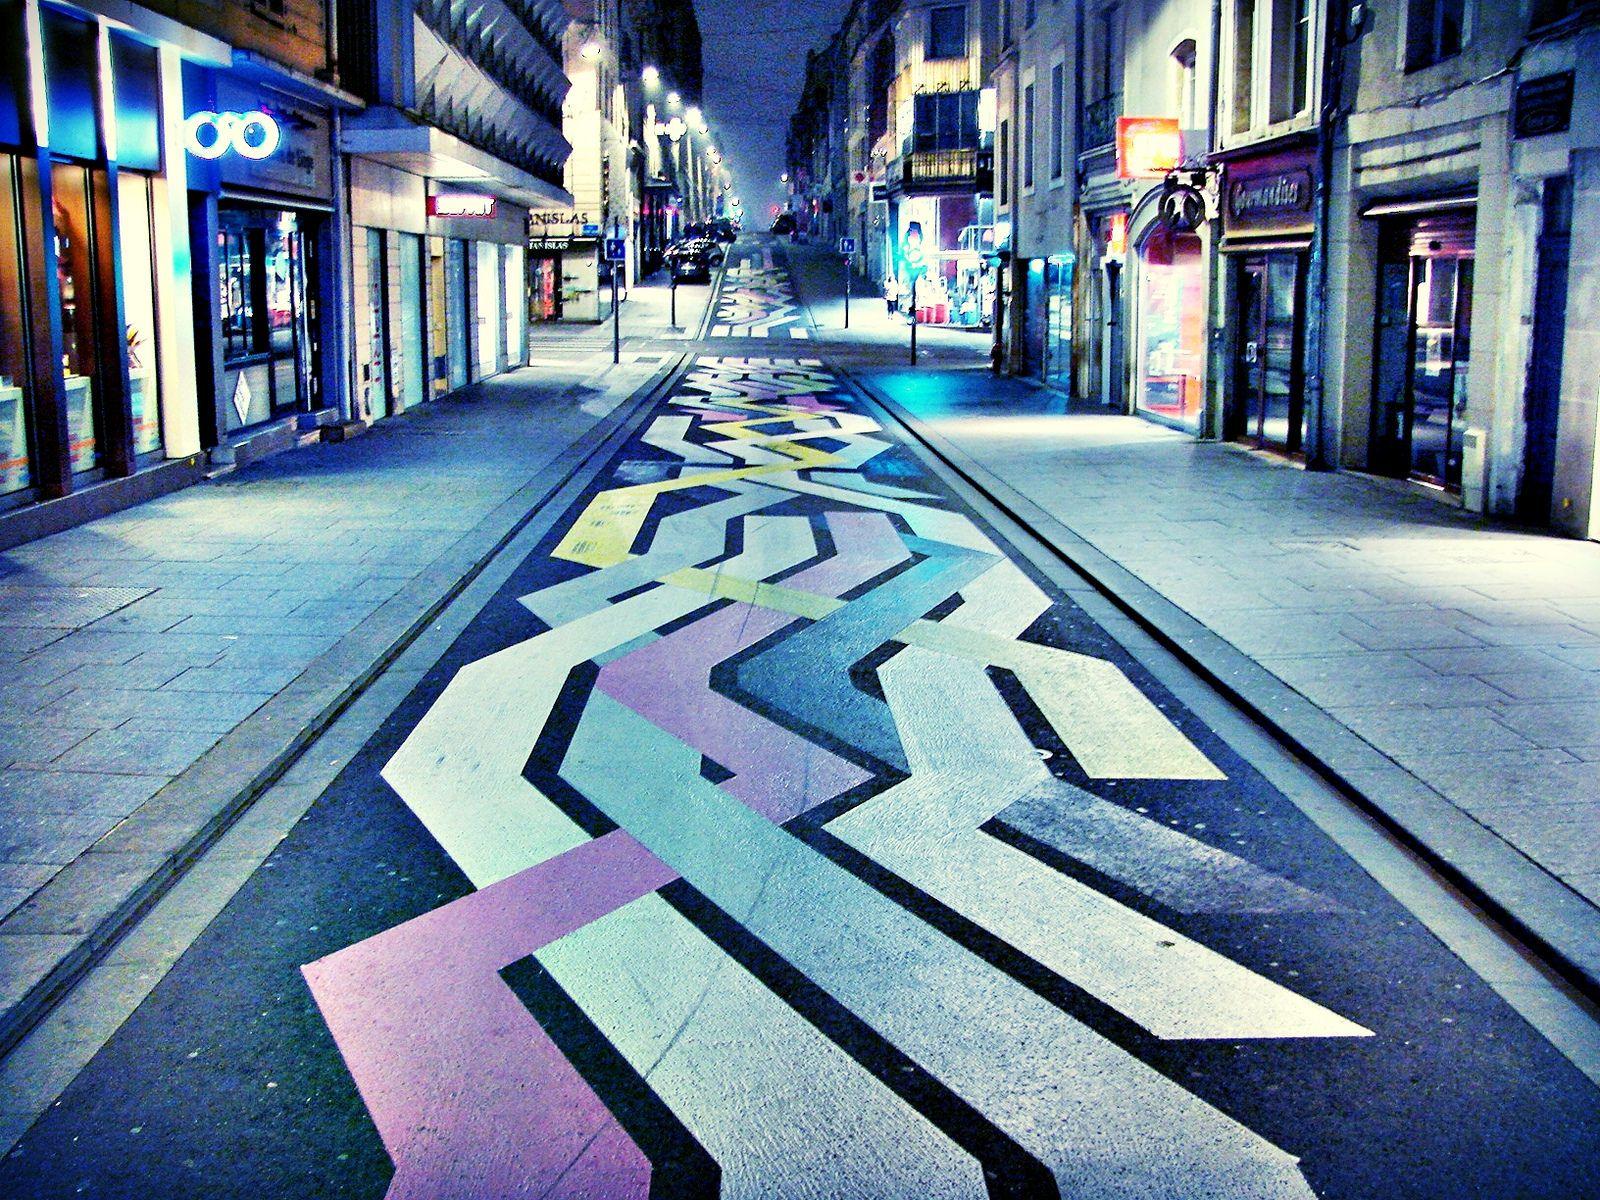 https://flic.kr/p/Ah5uWb | street art rue des ponts 2